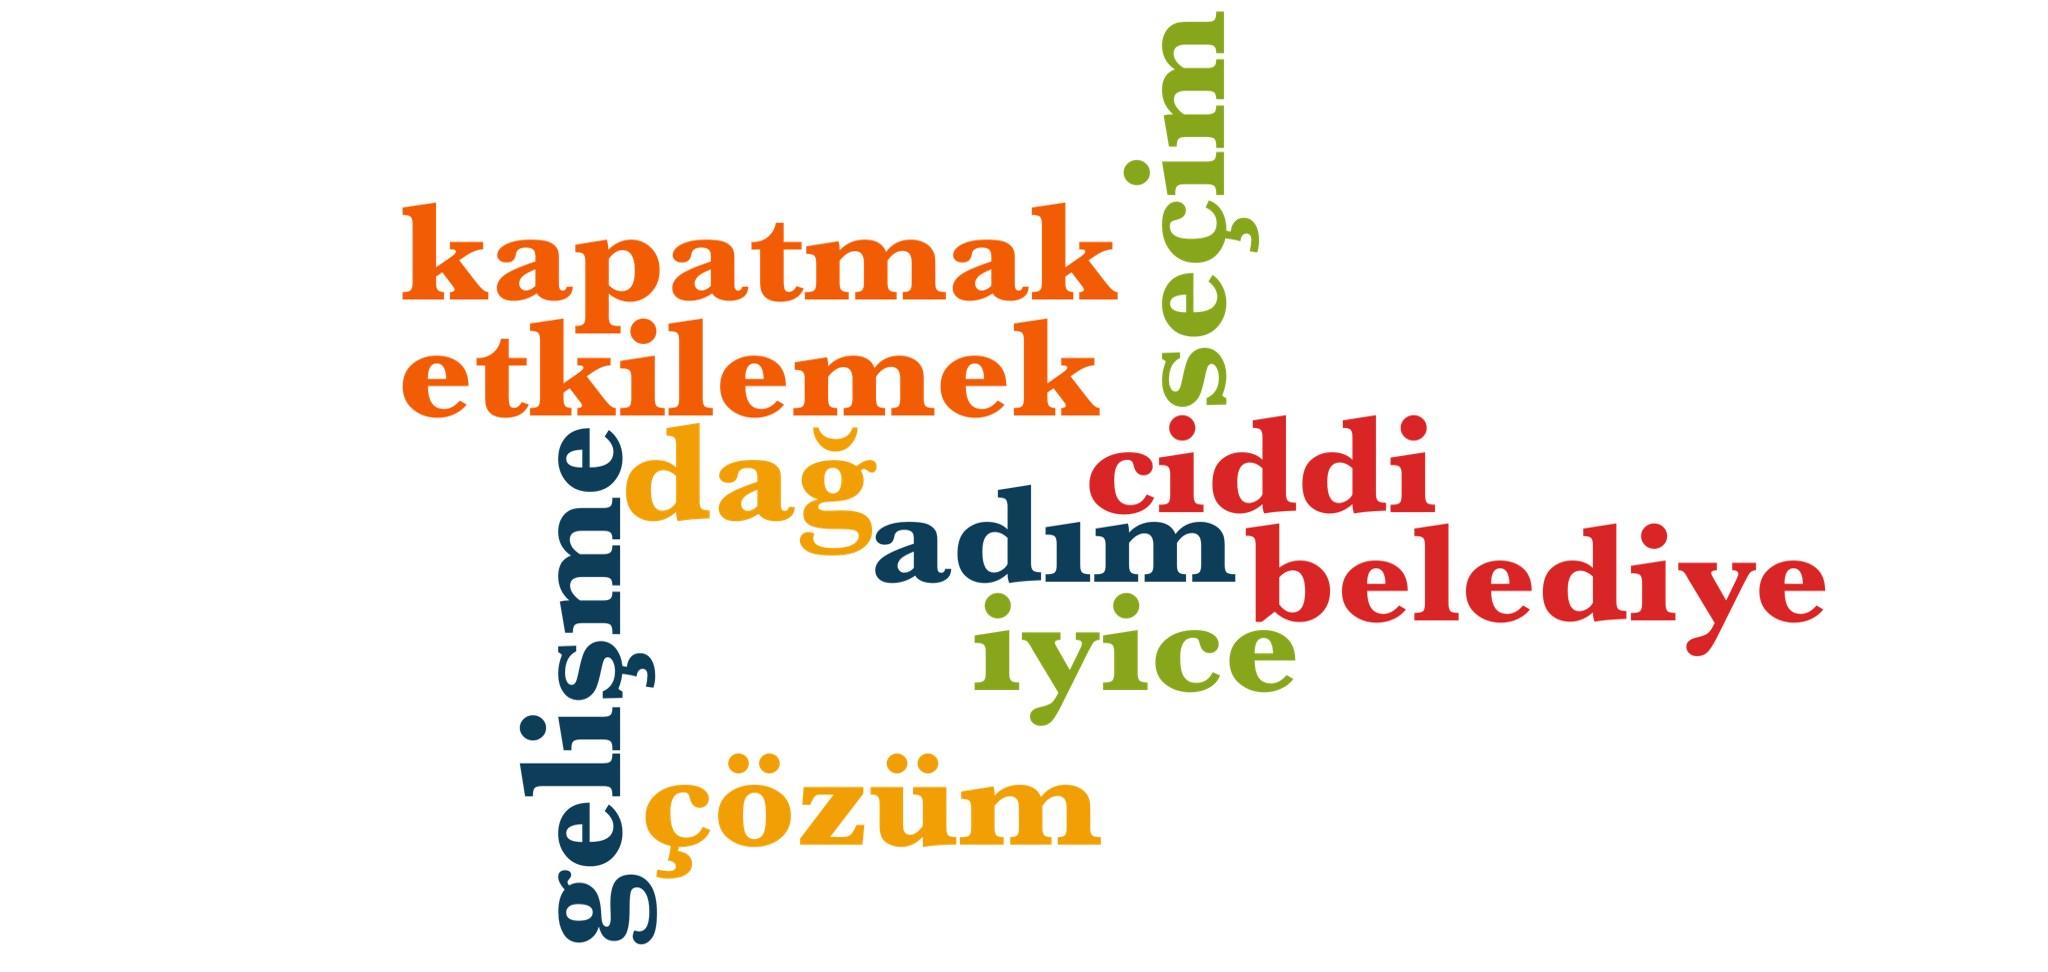 Wörter 641 bis 650 der 1000 häufigsten Wörter der türkischen Sprache